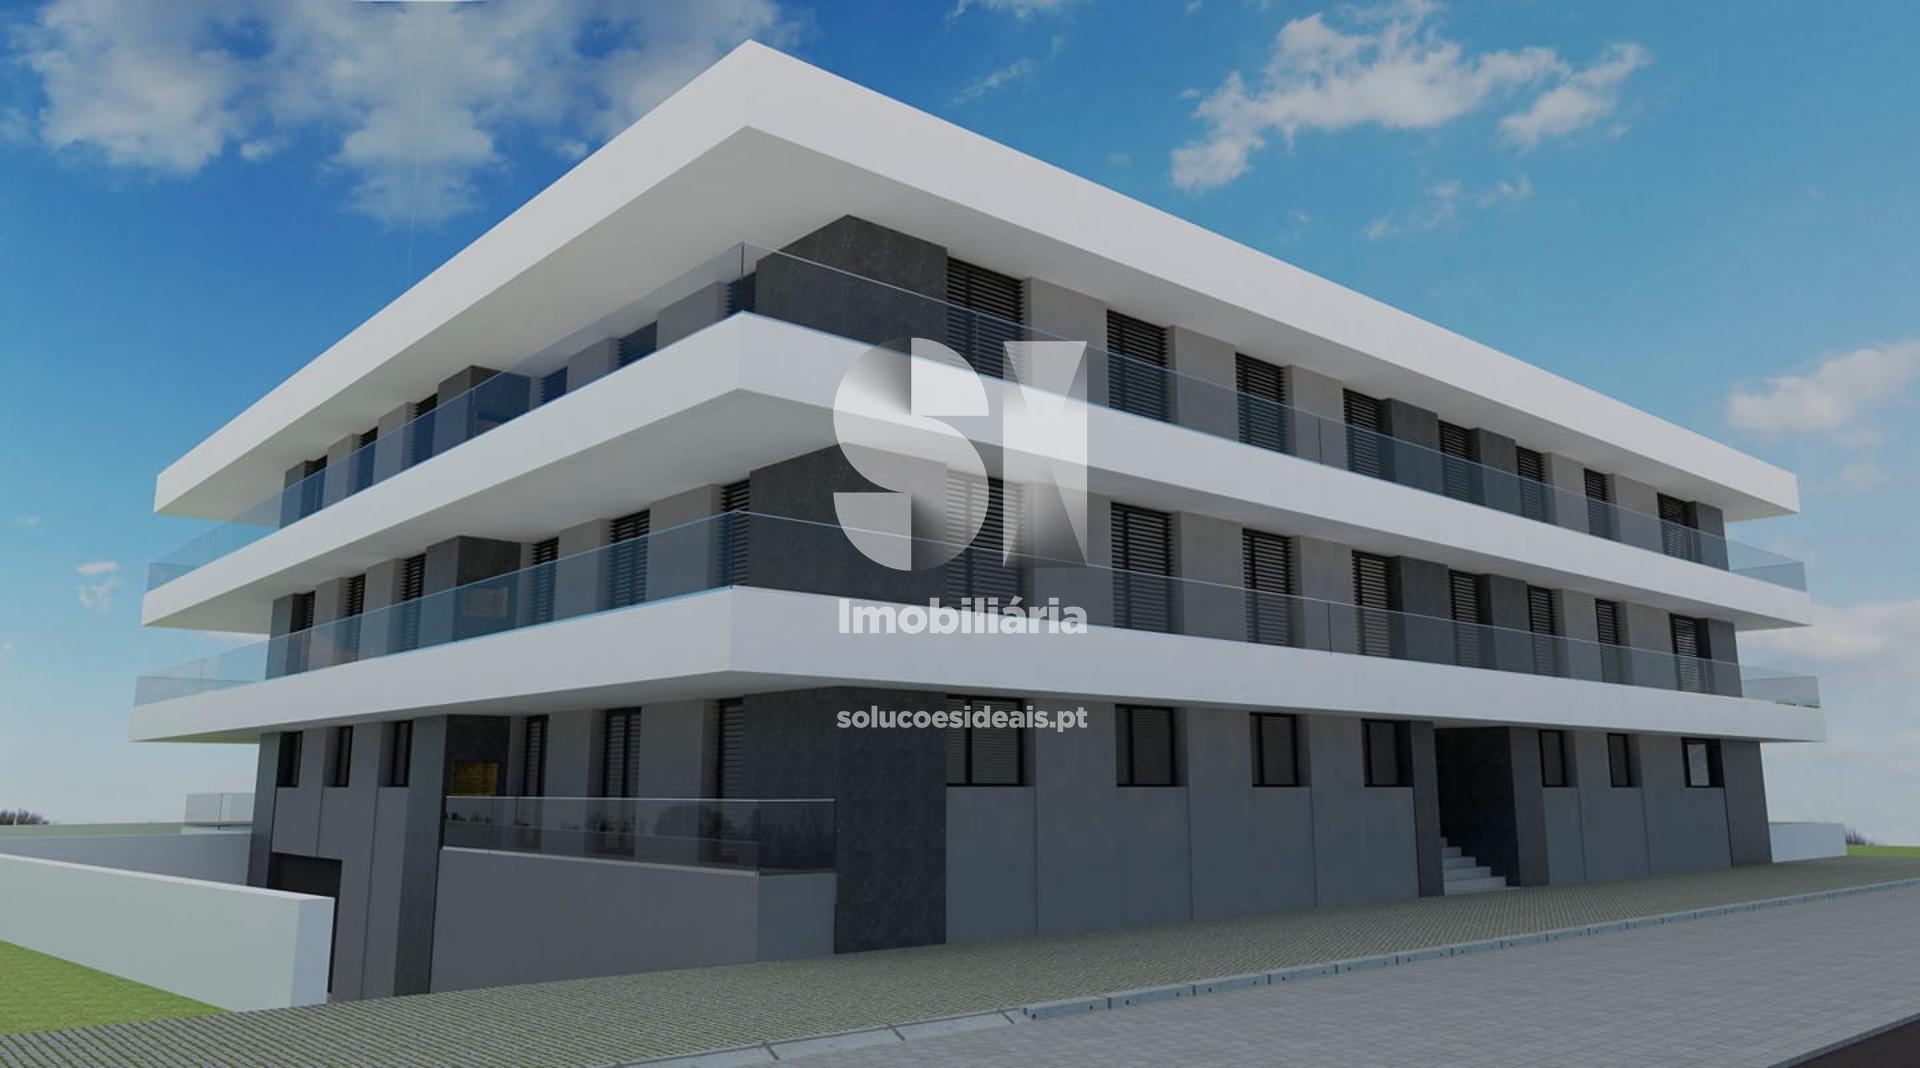 apartamento t3 duplex para compra em condeixaanova uniao das freguesias de sebal e belide CDXPF2269_14